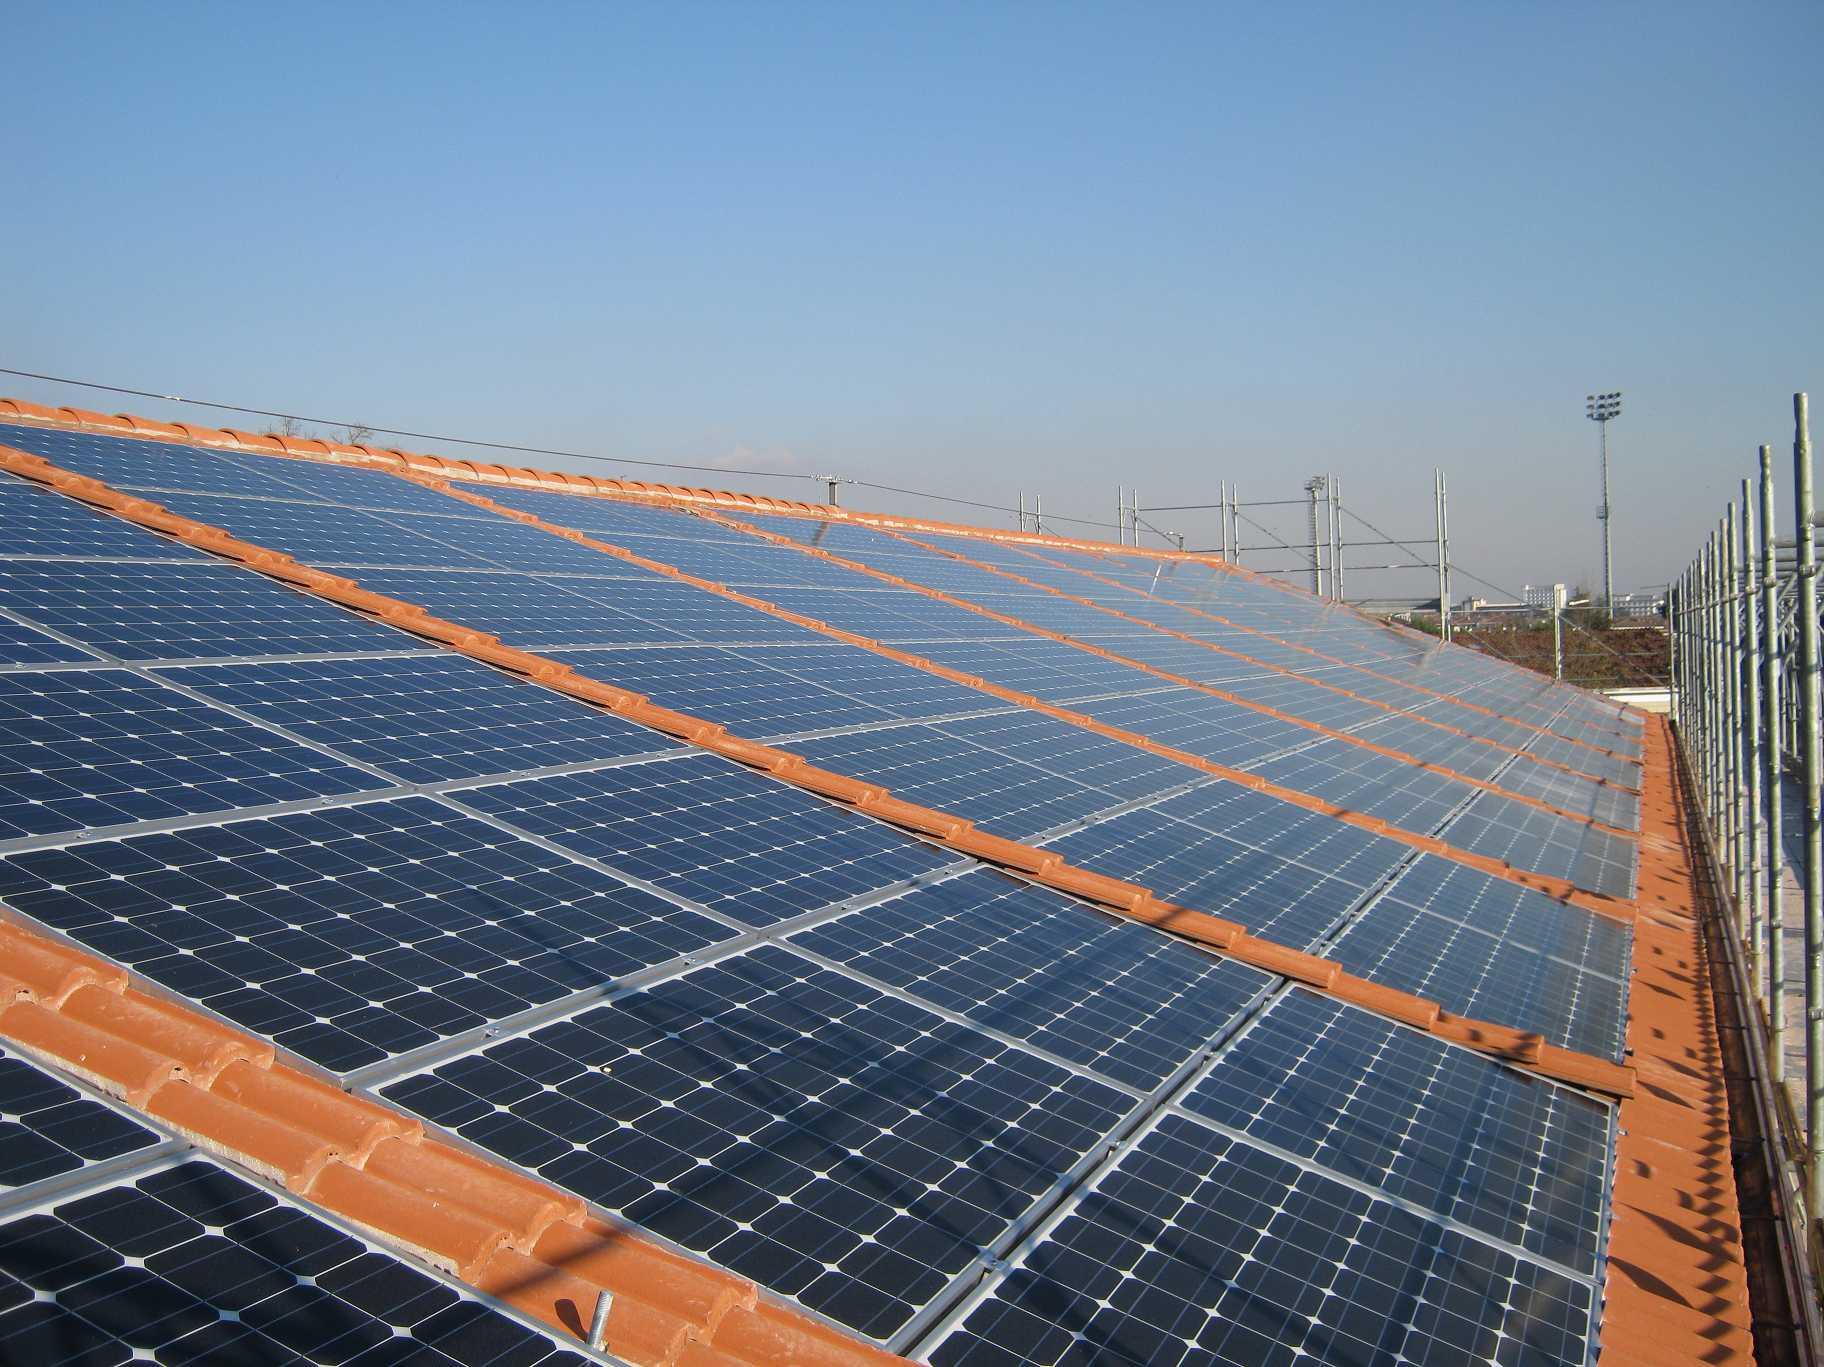 Tetto e pannelli fotovoltaici for Pannelli solari immagini